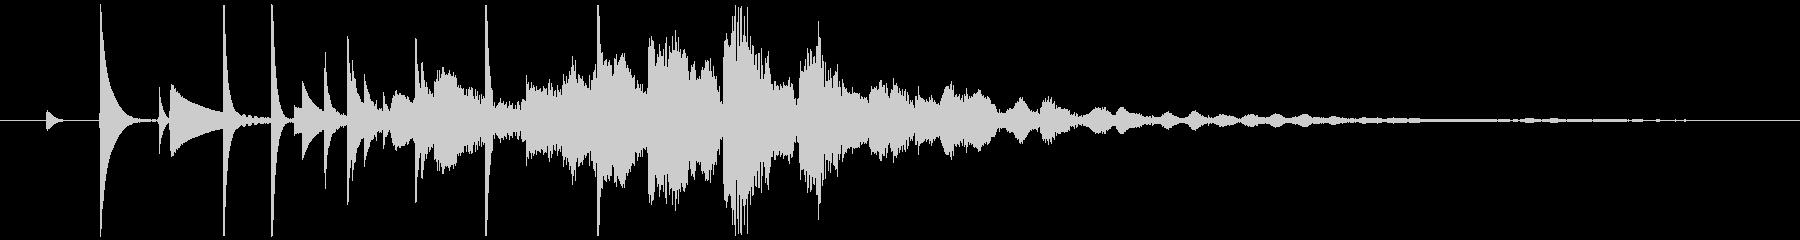 電子音によるジングルの未再生の波形